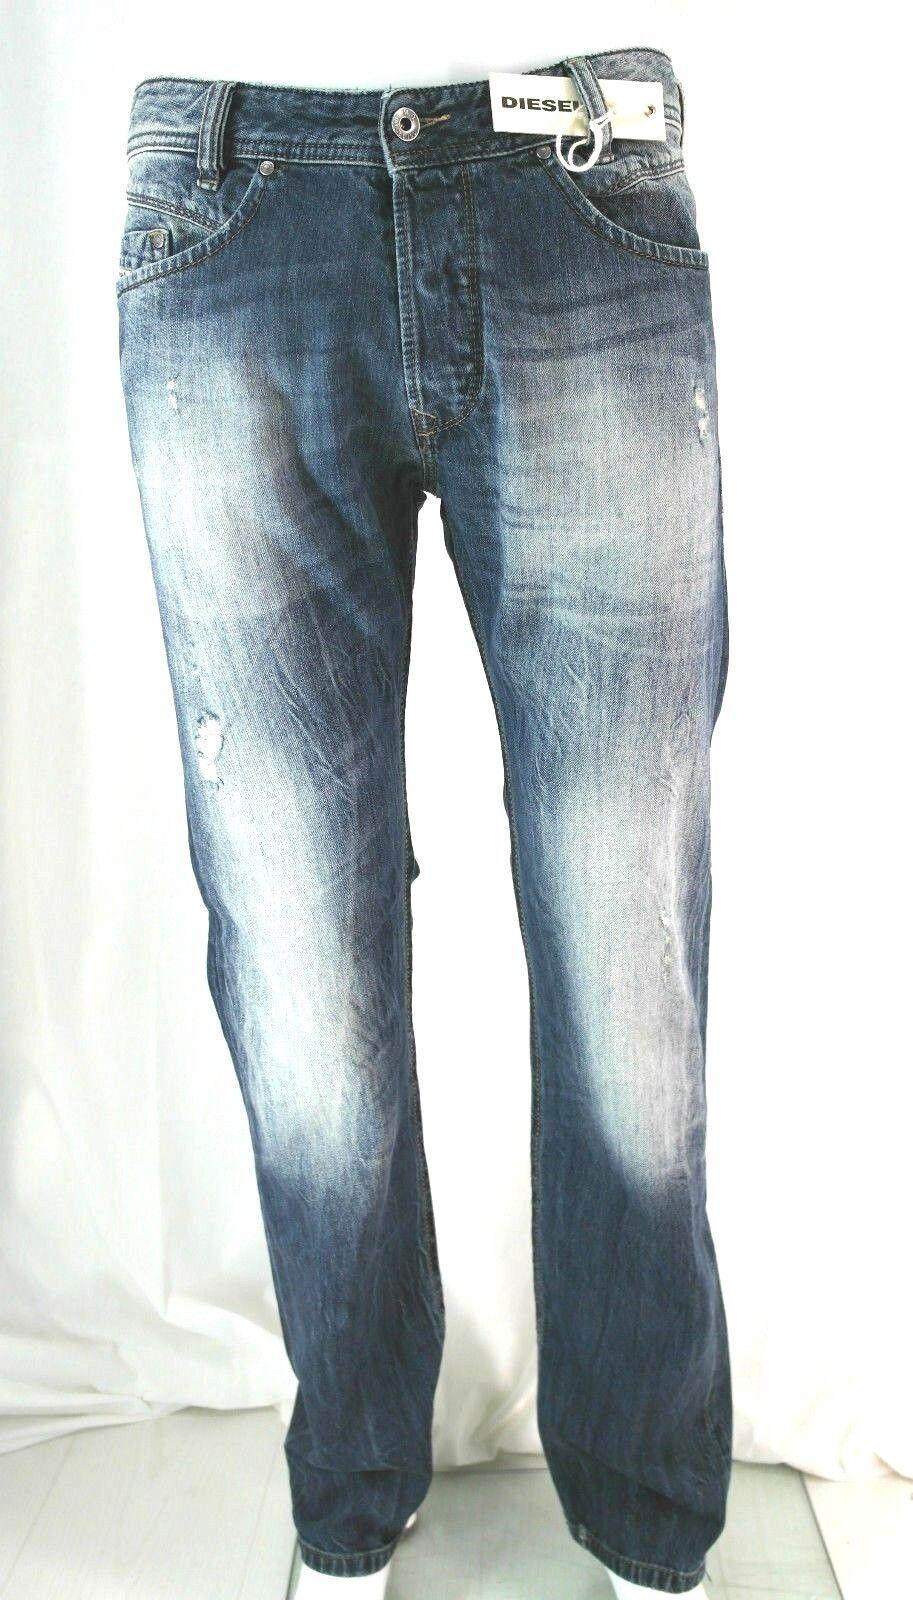 Diesel jeans Homme JAKOP Wash ORBE4 Dimensione   W31-L32,  W33-L32, W34-L32